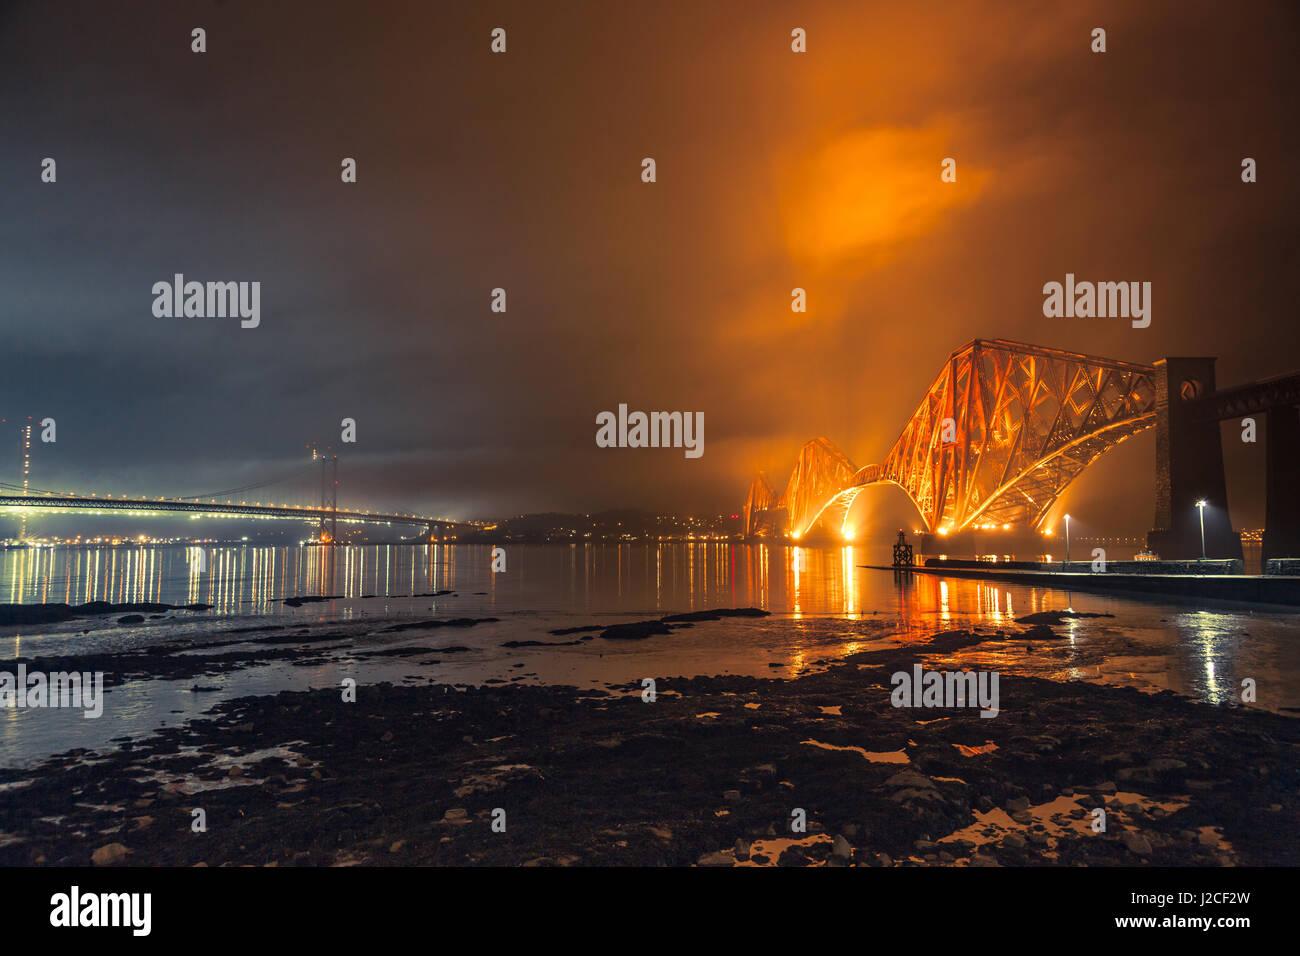 Le Forth Rail Bridge éclairés la nuit. Lumière dorée hits les nuages au-dessus. South Queensferry, Photo Stock